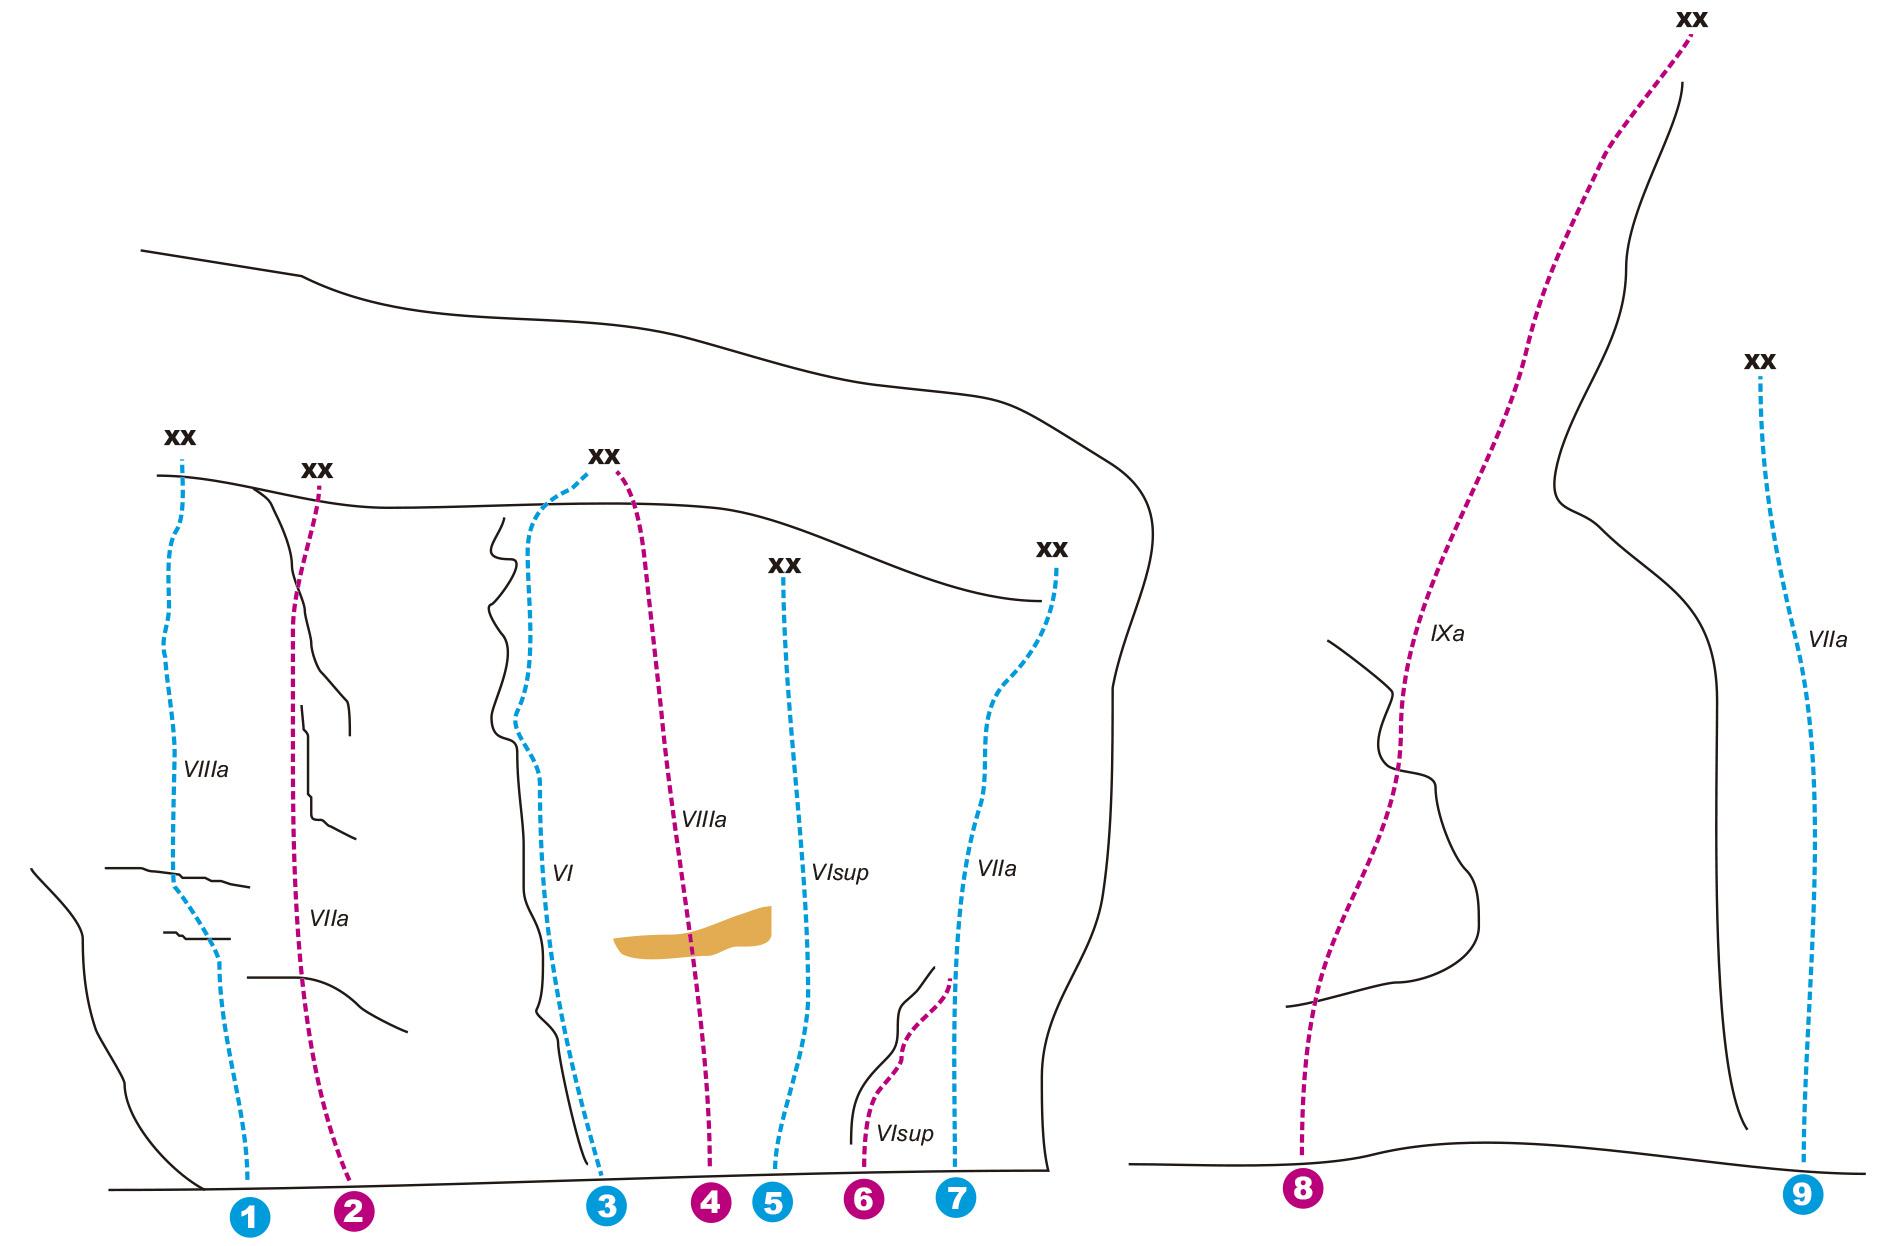 1 Seis Pés 2 Racha Cuca 3 Fissura 4 O Tavinho 5 Rabo de Raposa 6 Variante 7 Jahmel 8 Farofa 9 Vale Tudo 10 Entala Testa 11 Desconhecida.